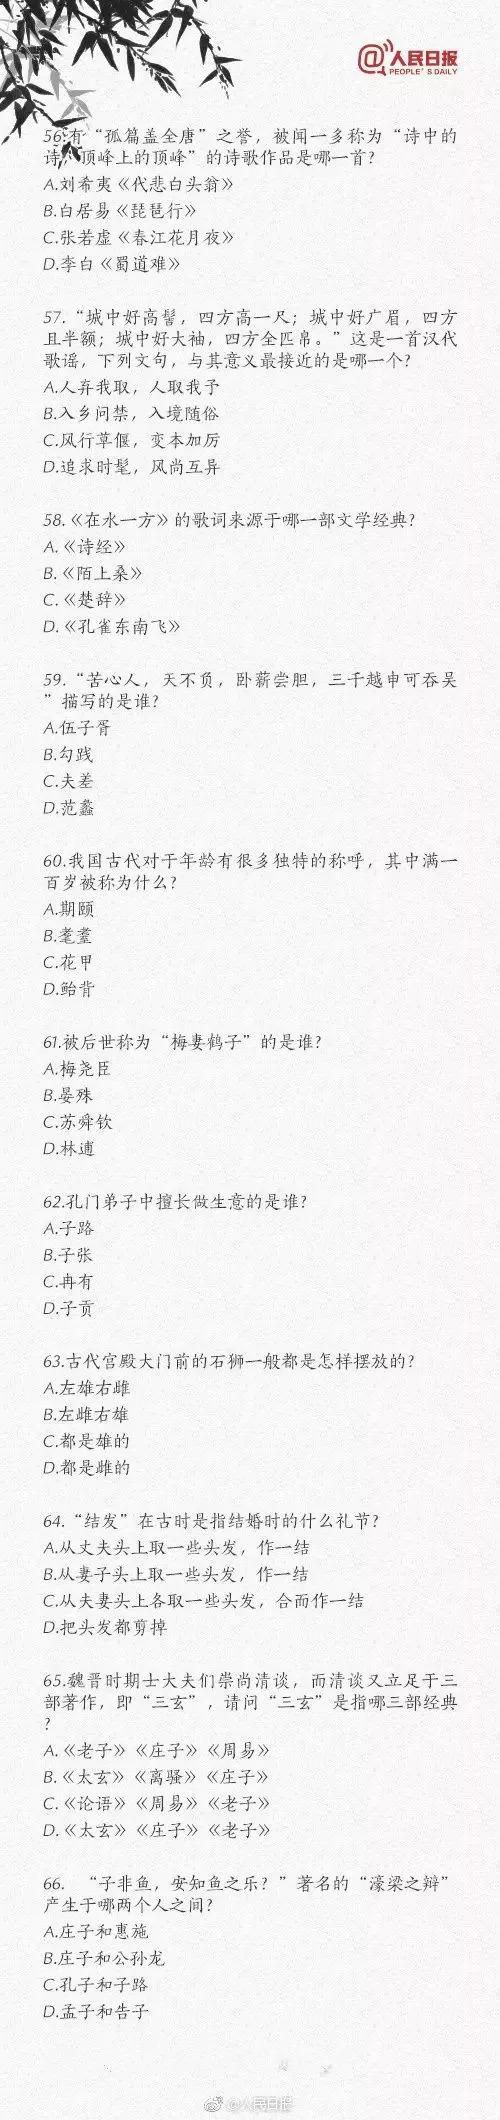 香港六马会开奖结果 6